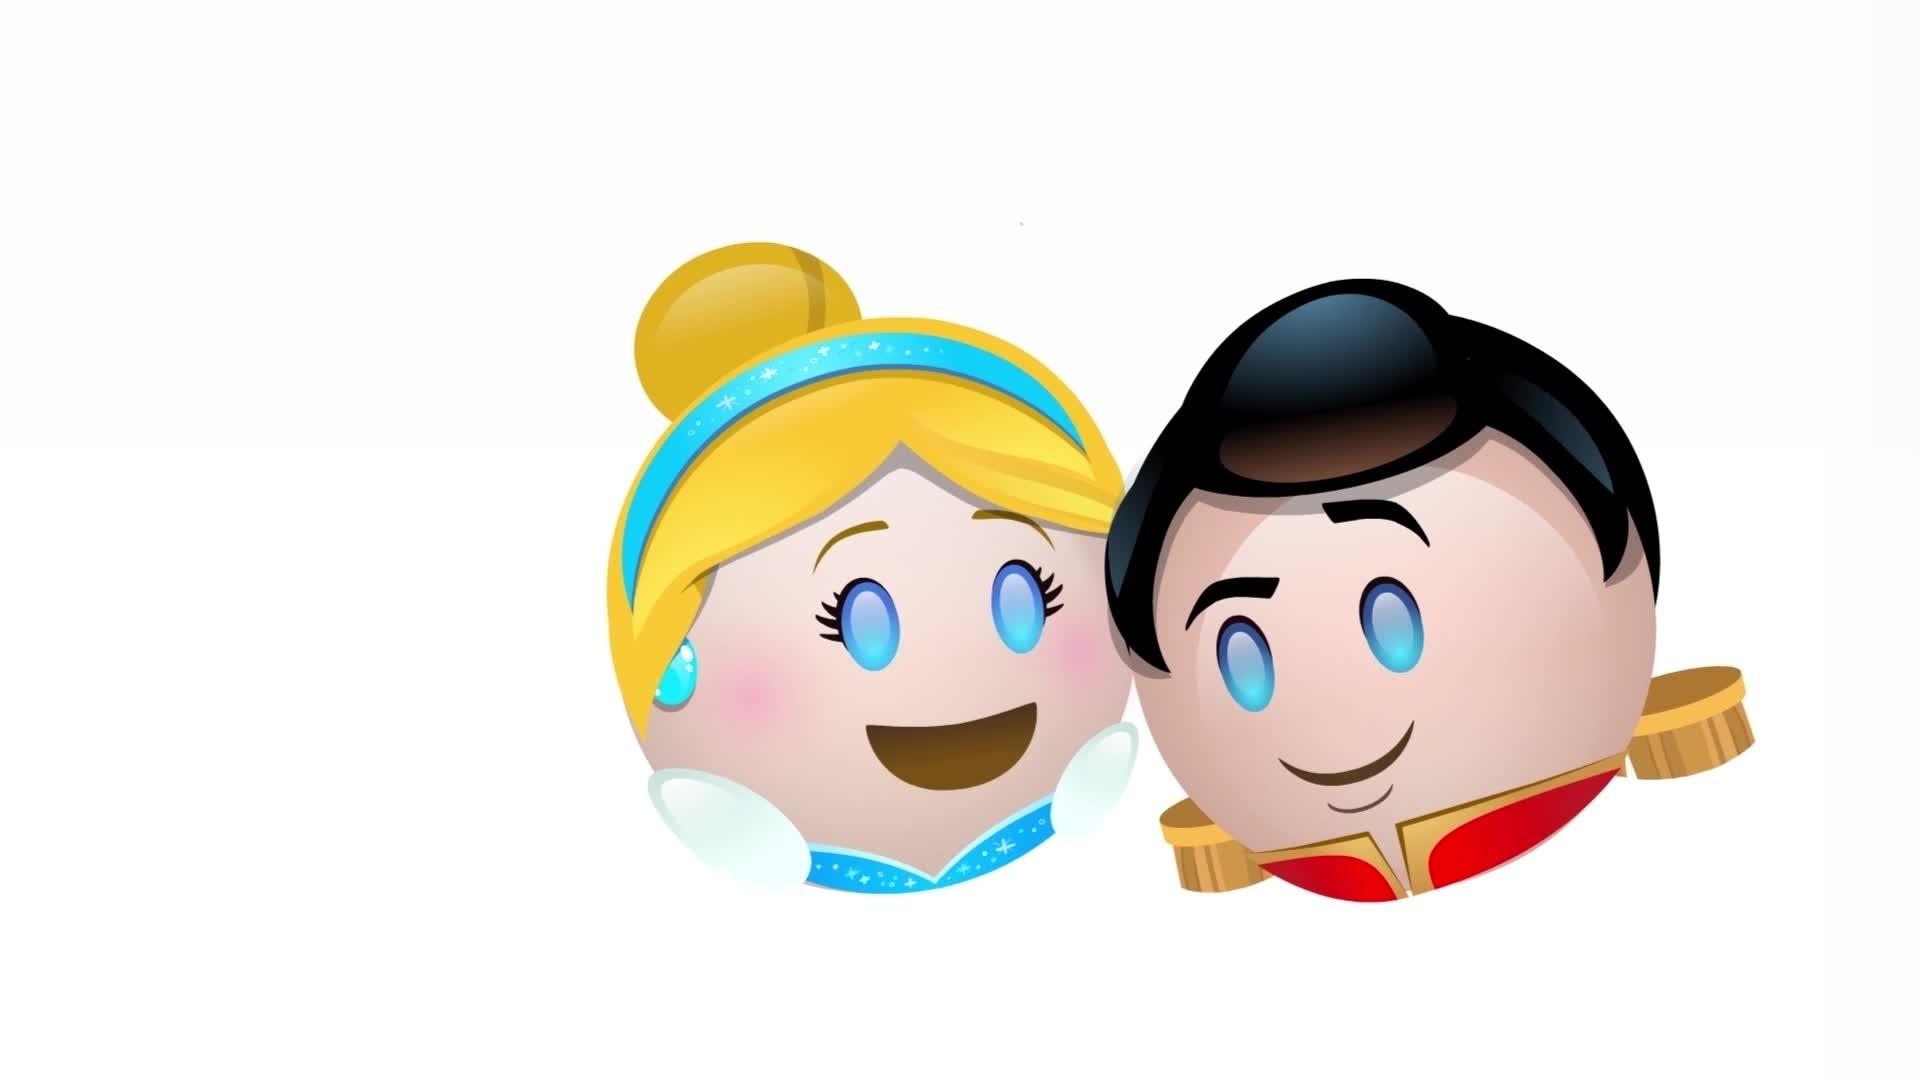 Cinderella - As Told By Emoji